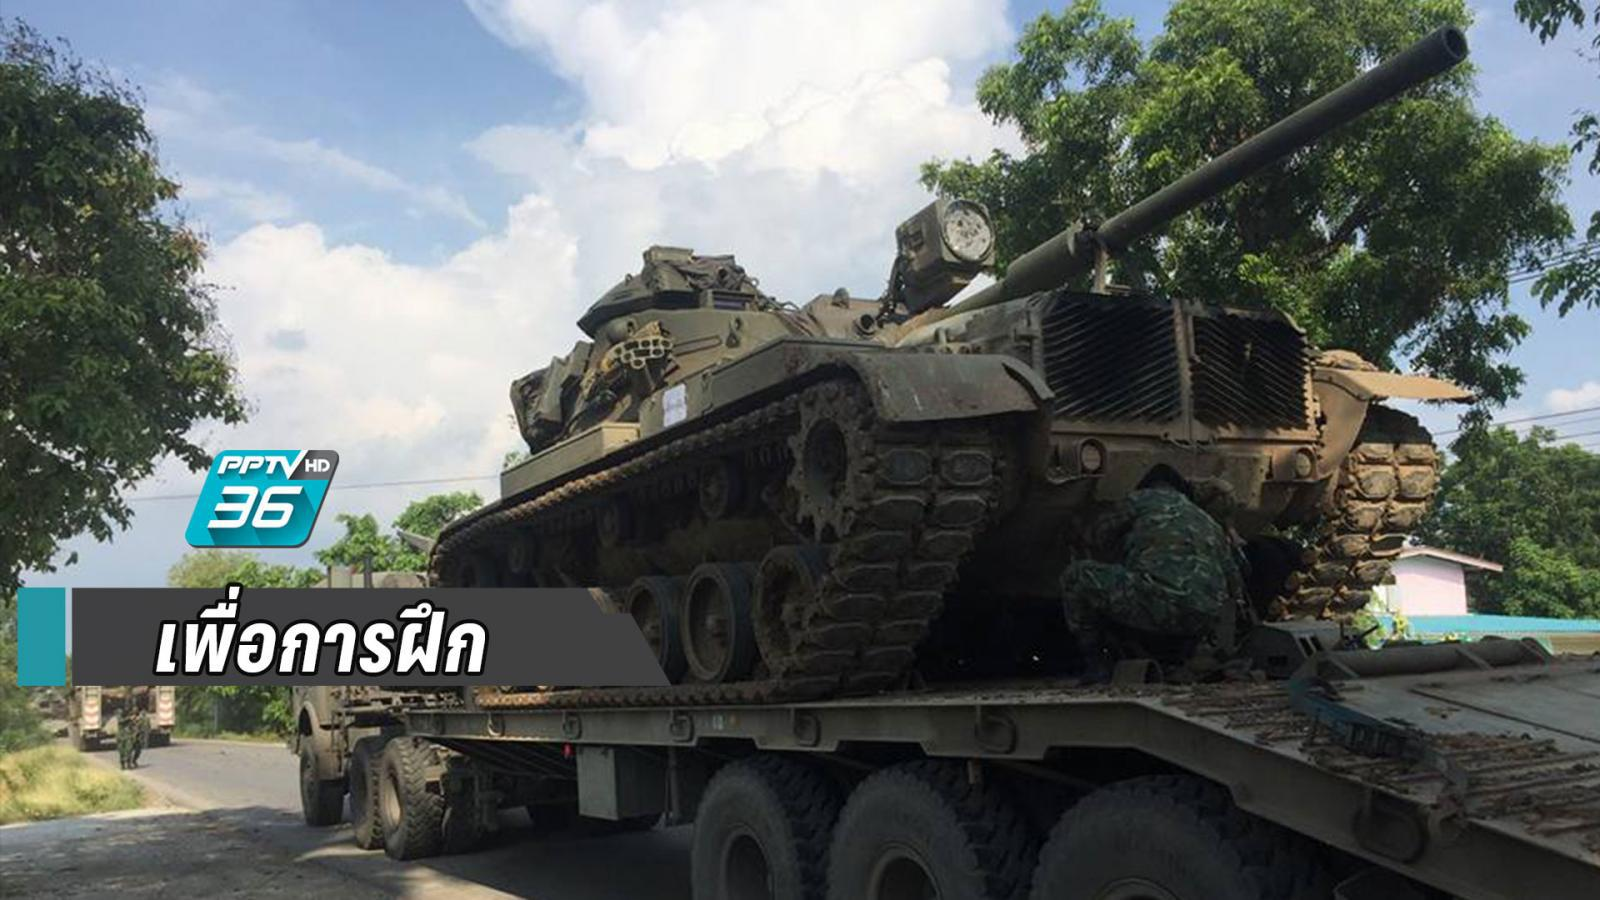 เห็นรถทหารอย่าตกใจ! 1 พ.ย. นี้ ทหารม้า เคลื่อนย้ายยุทโธปกรณ์ไปฝึกที่ลพบุรี